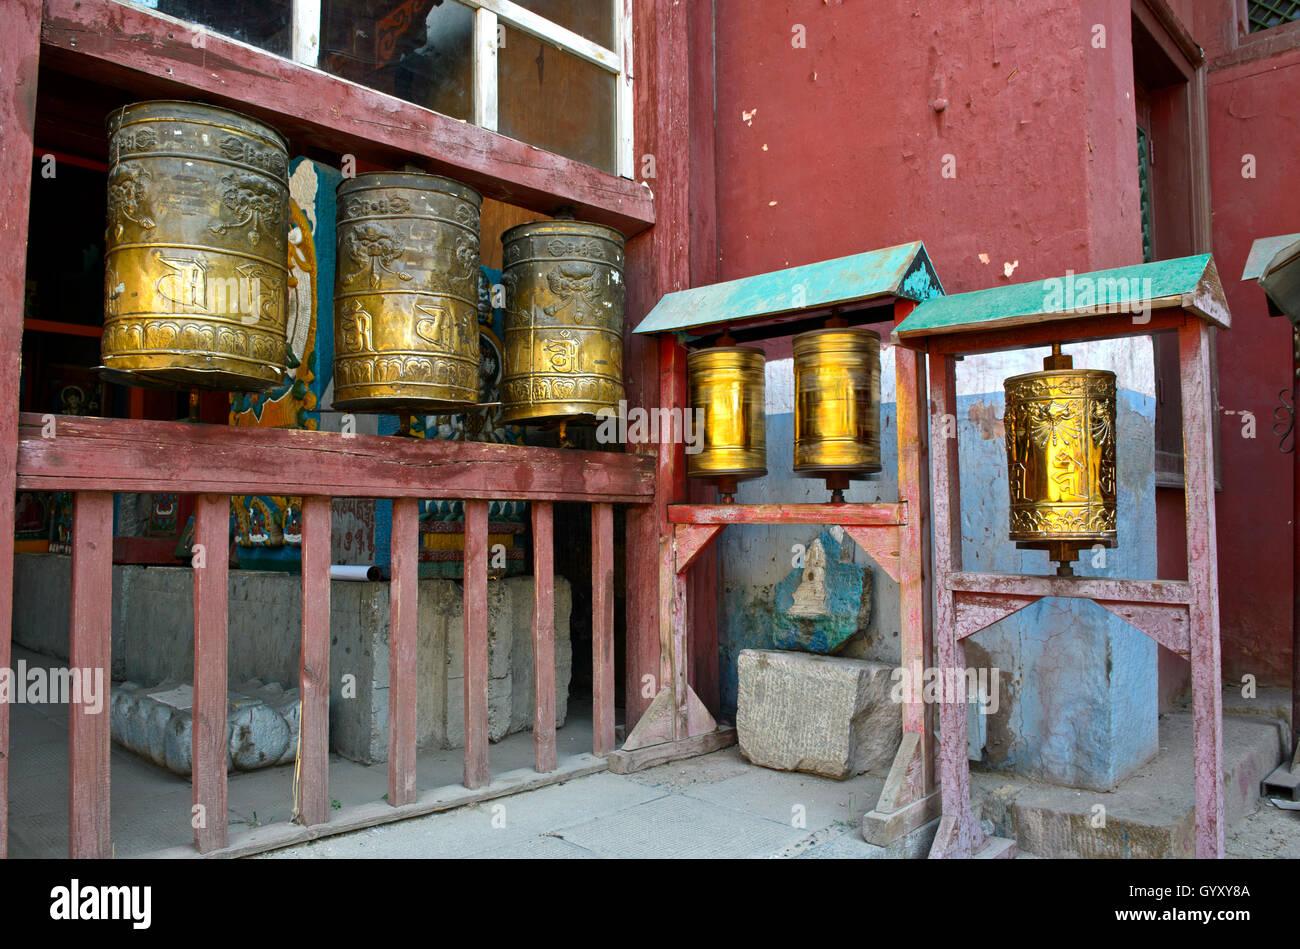 Buddhistischen Gebet Mühlen am Gandan oder Gandantegchinlen Kloster, Ulaanbaatar, Mongolei Stockfoto